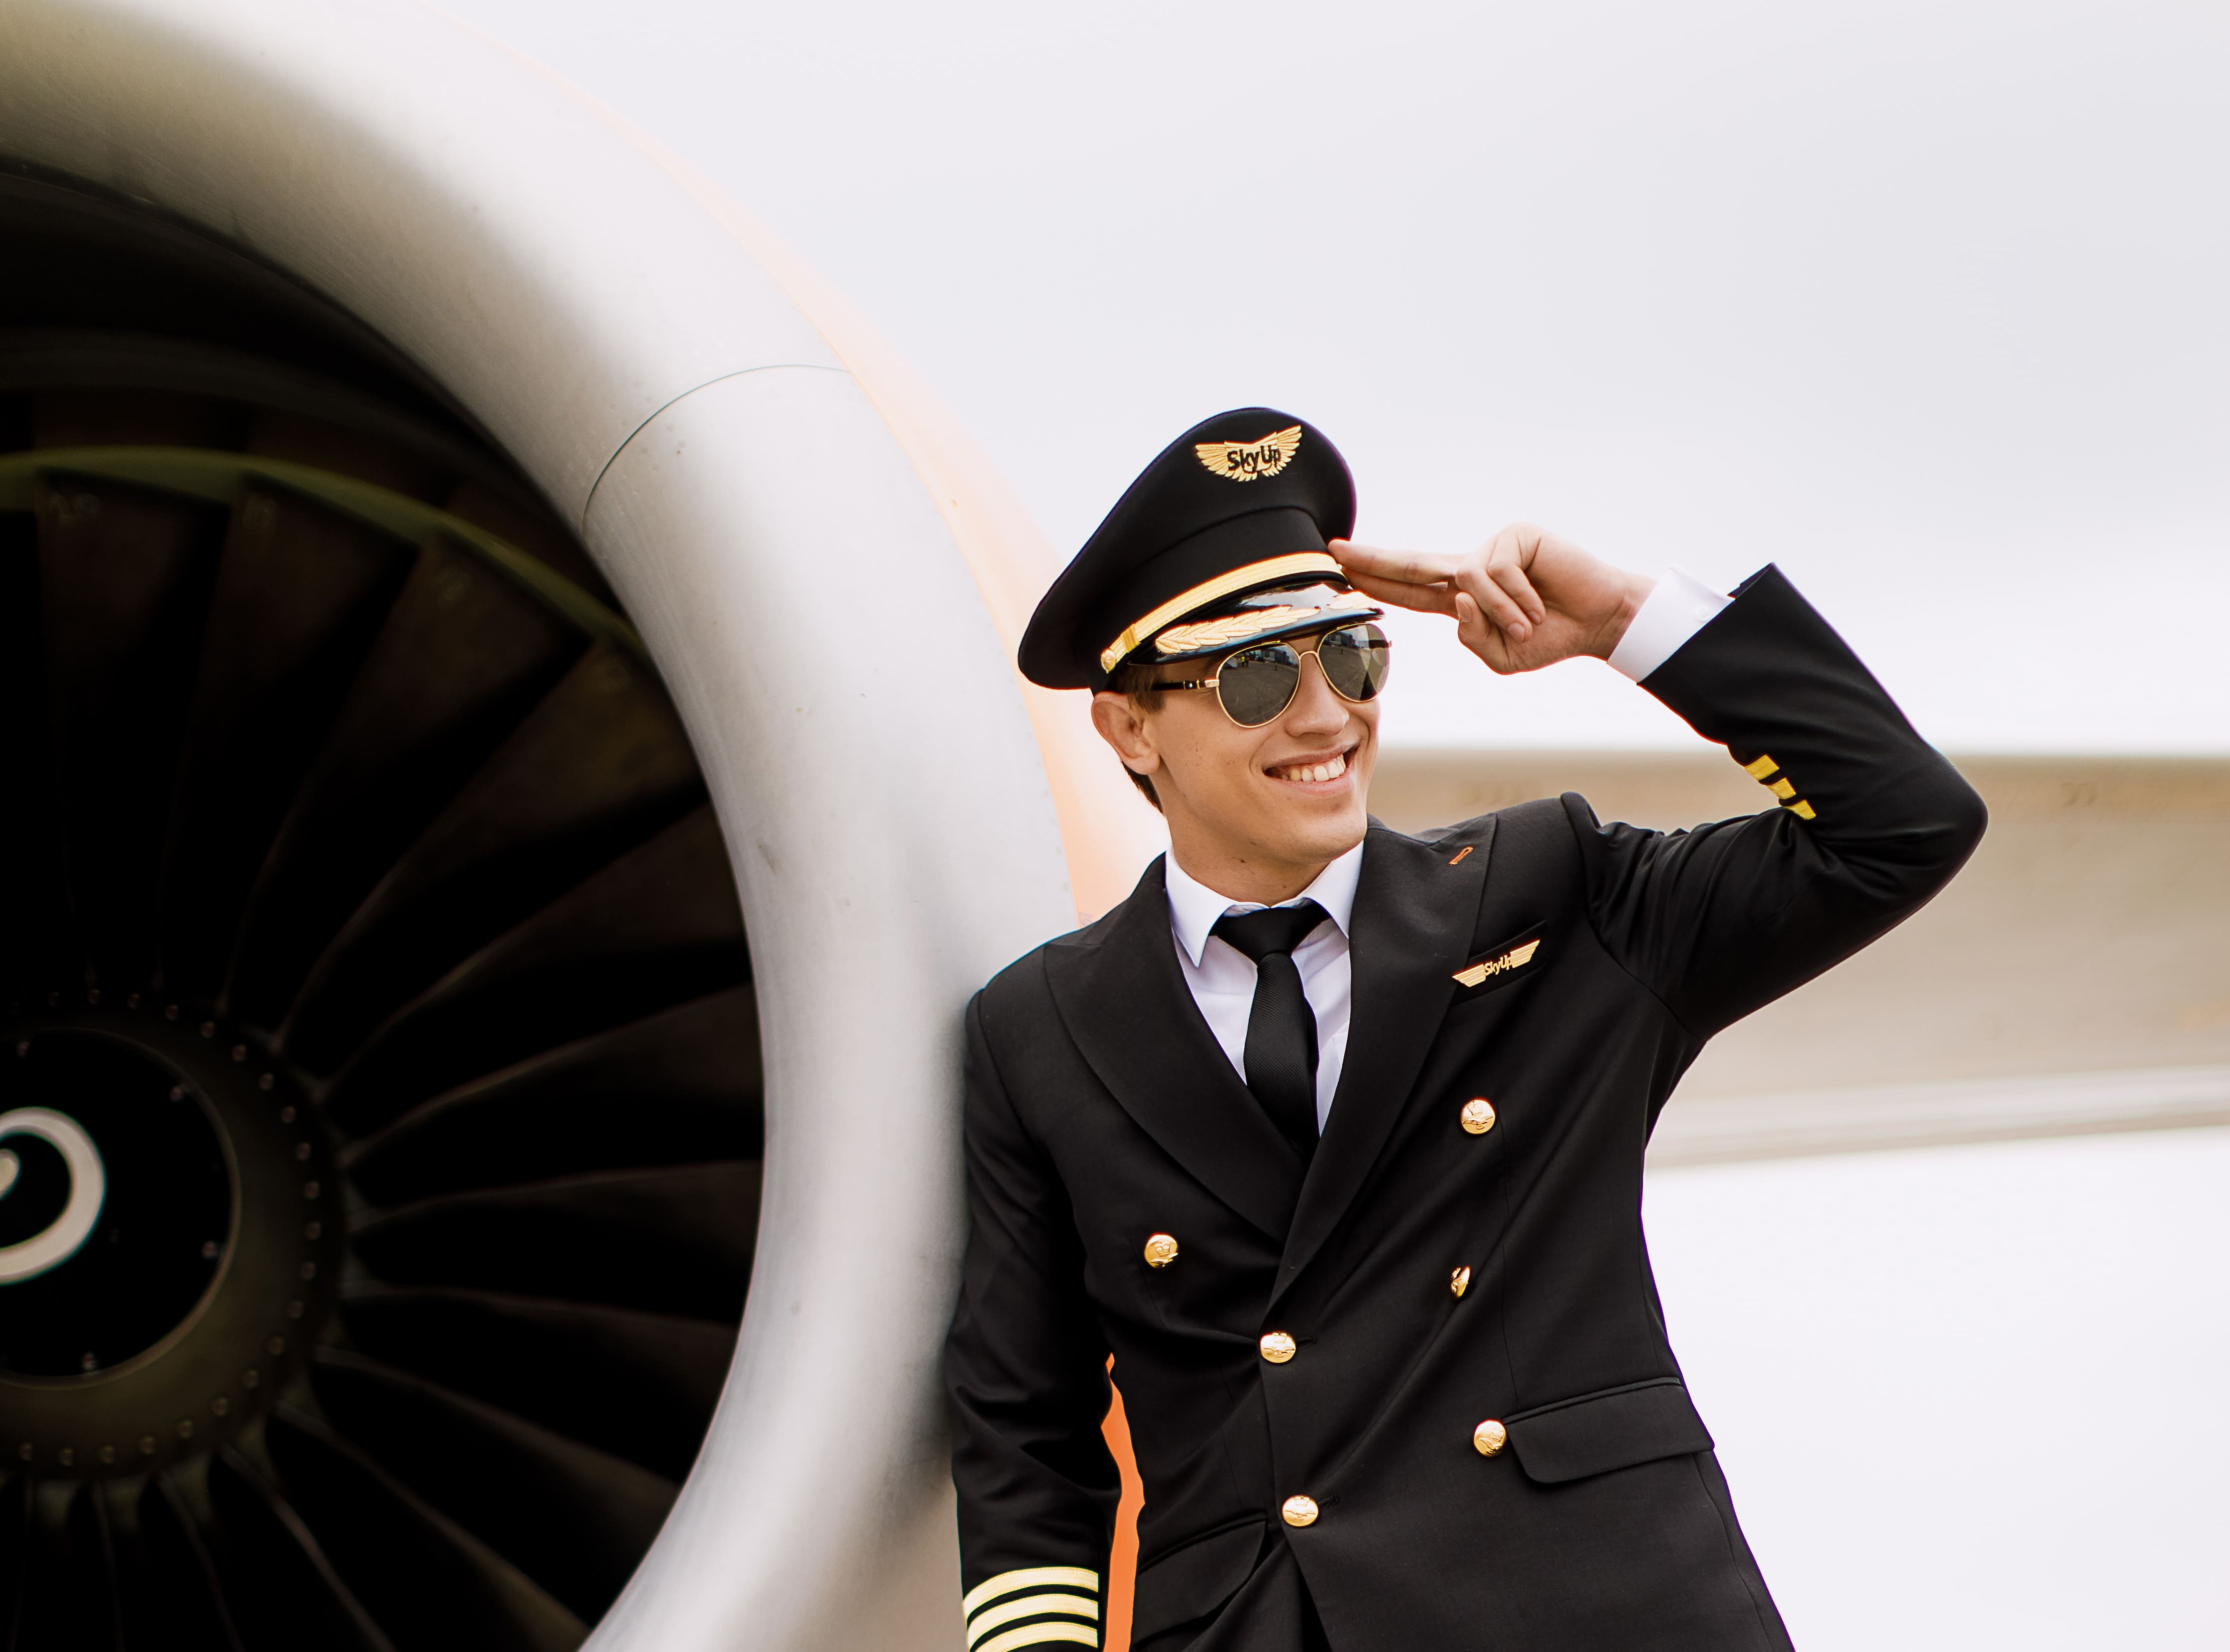 vidpovidi-na-pitannya-pasazhiriv-skyup-airlines